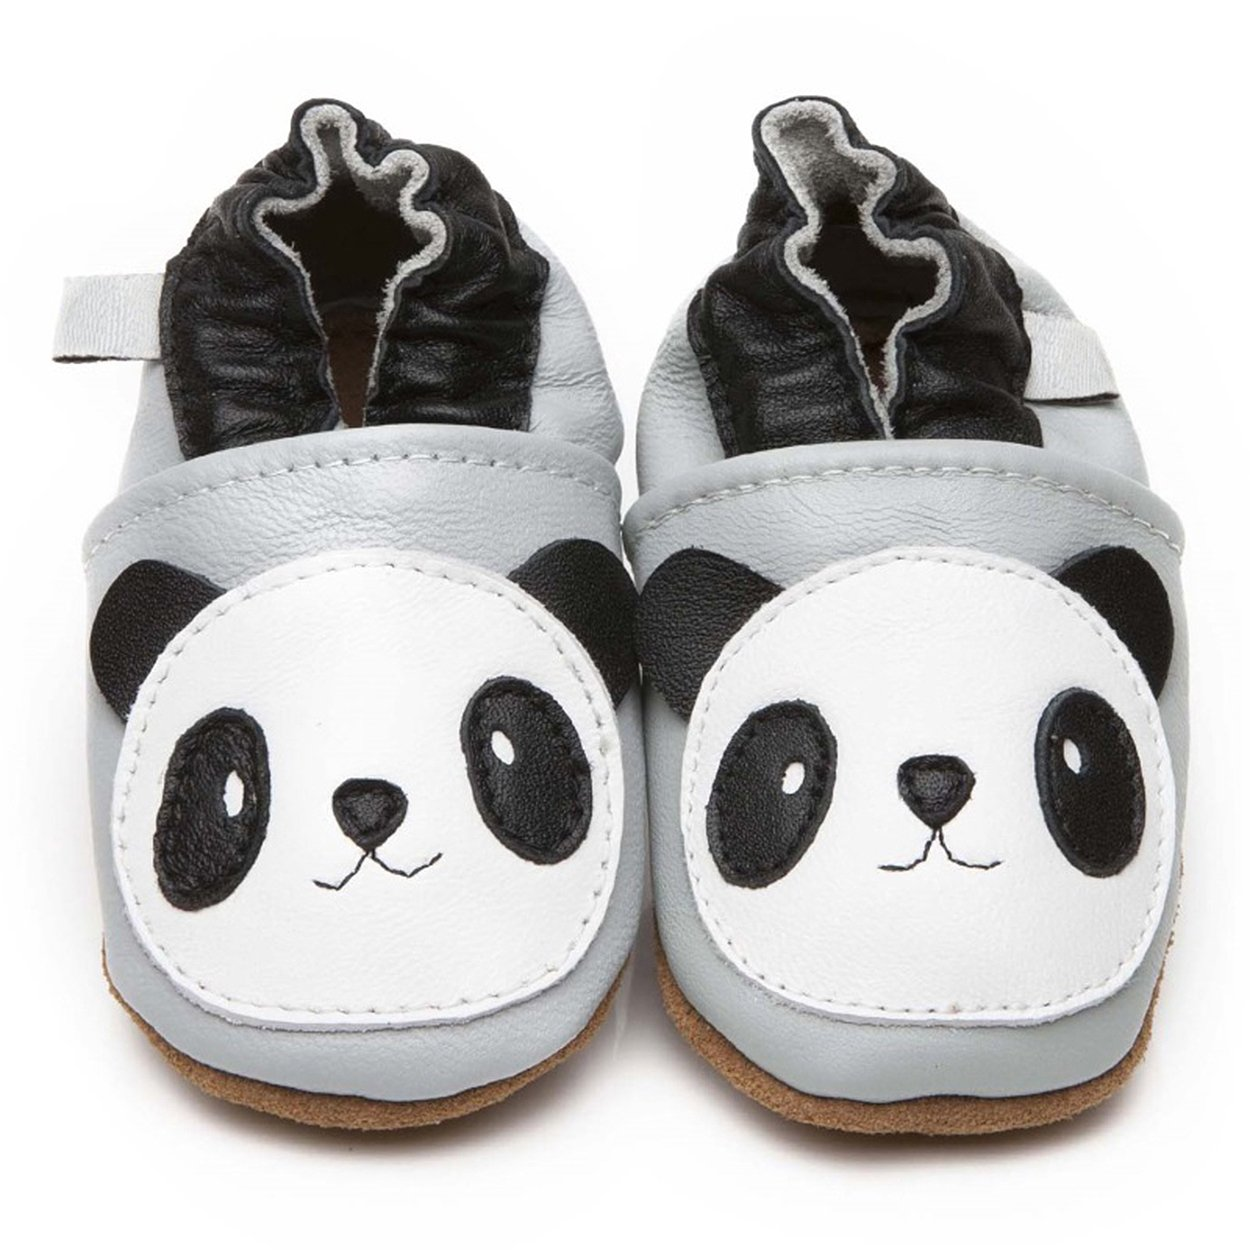 Chaussures en cuir de luxe pour bébé Panda 0-6 mois Little Starters